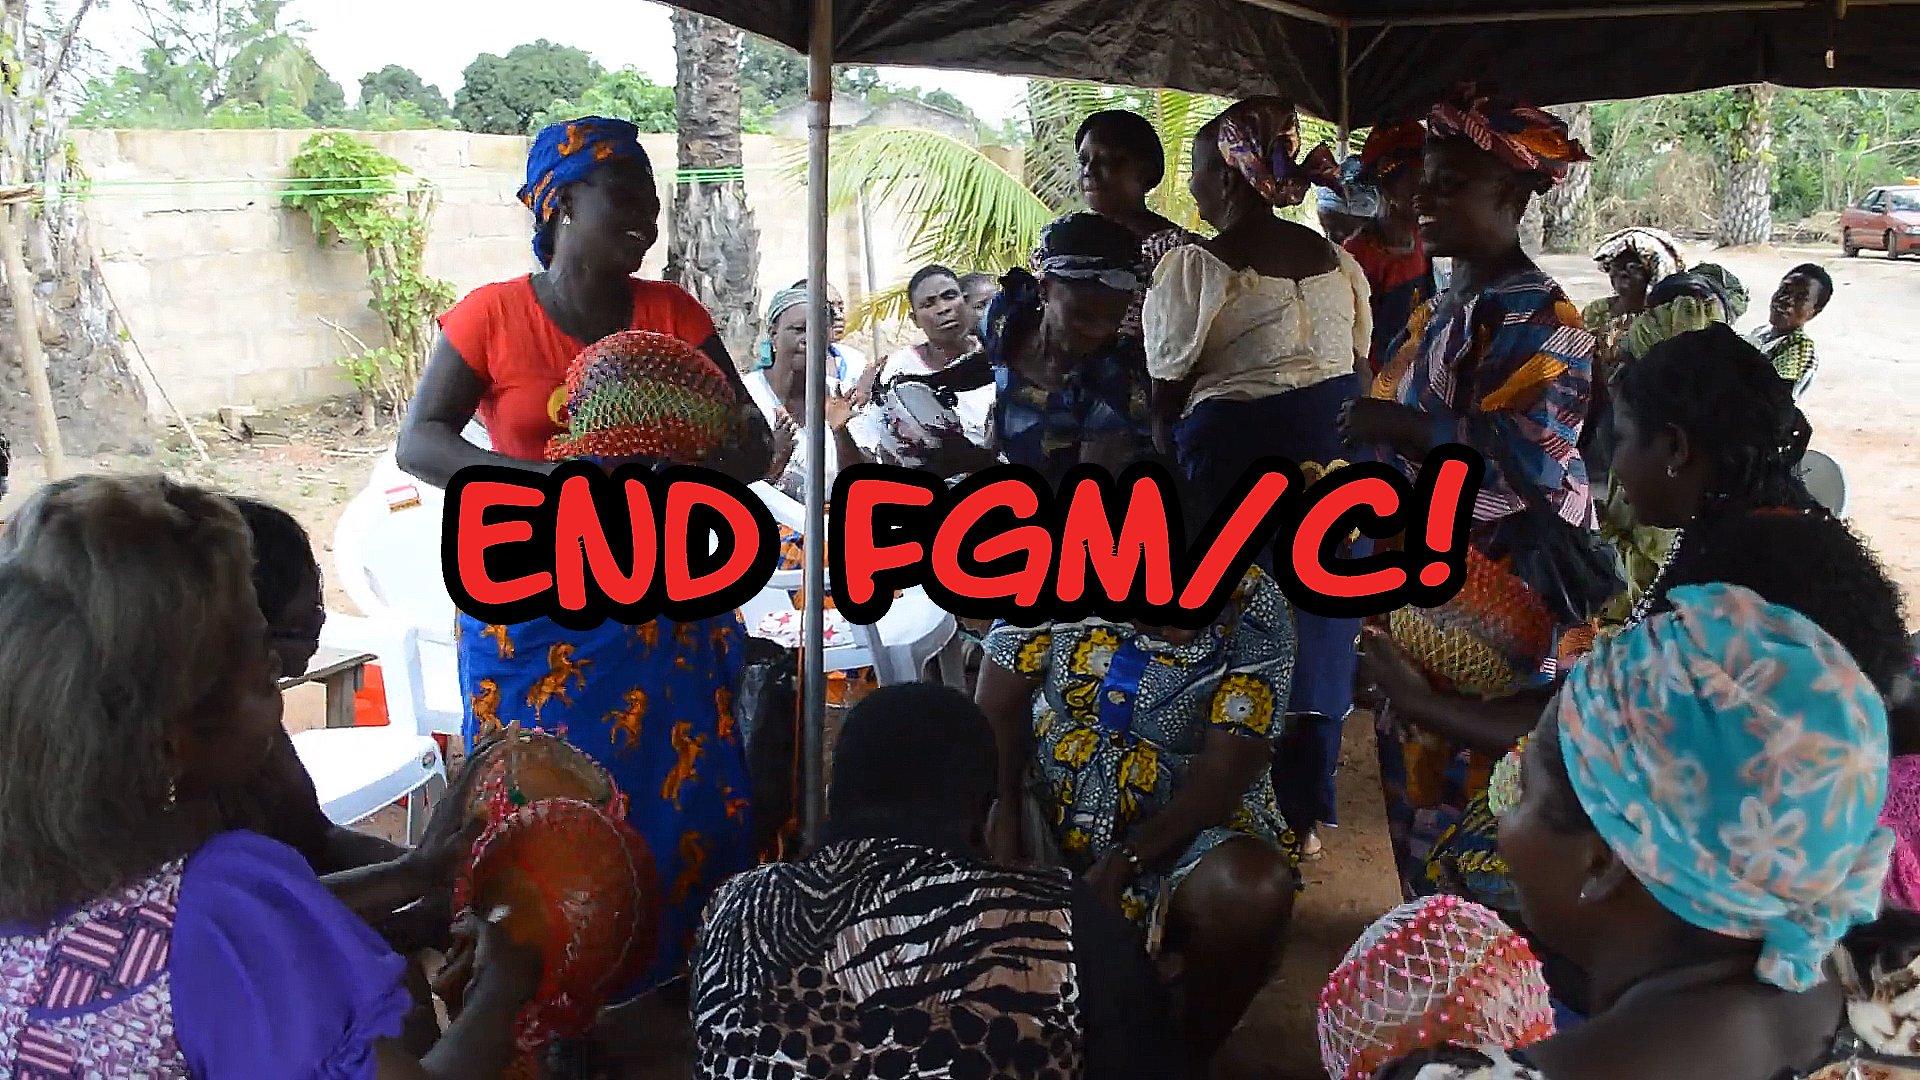 End FGM/C!